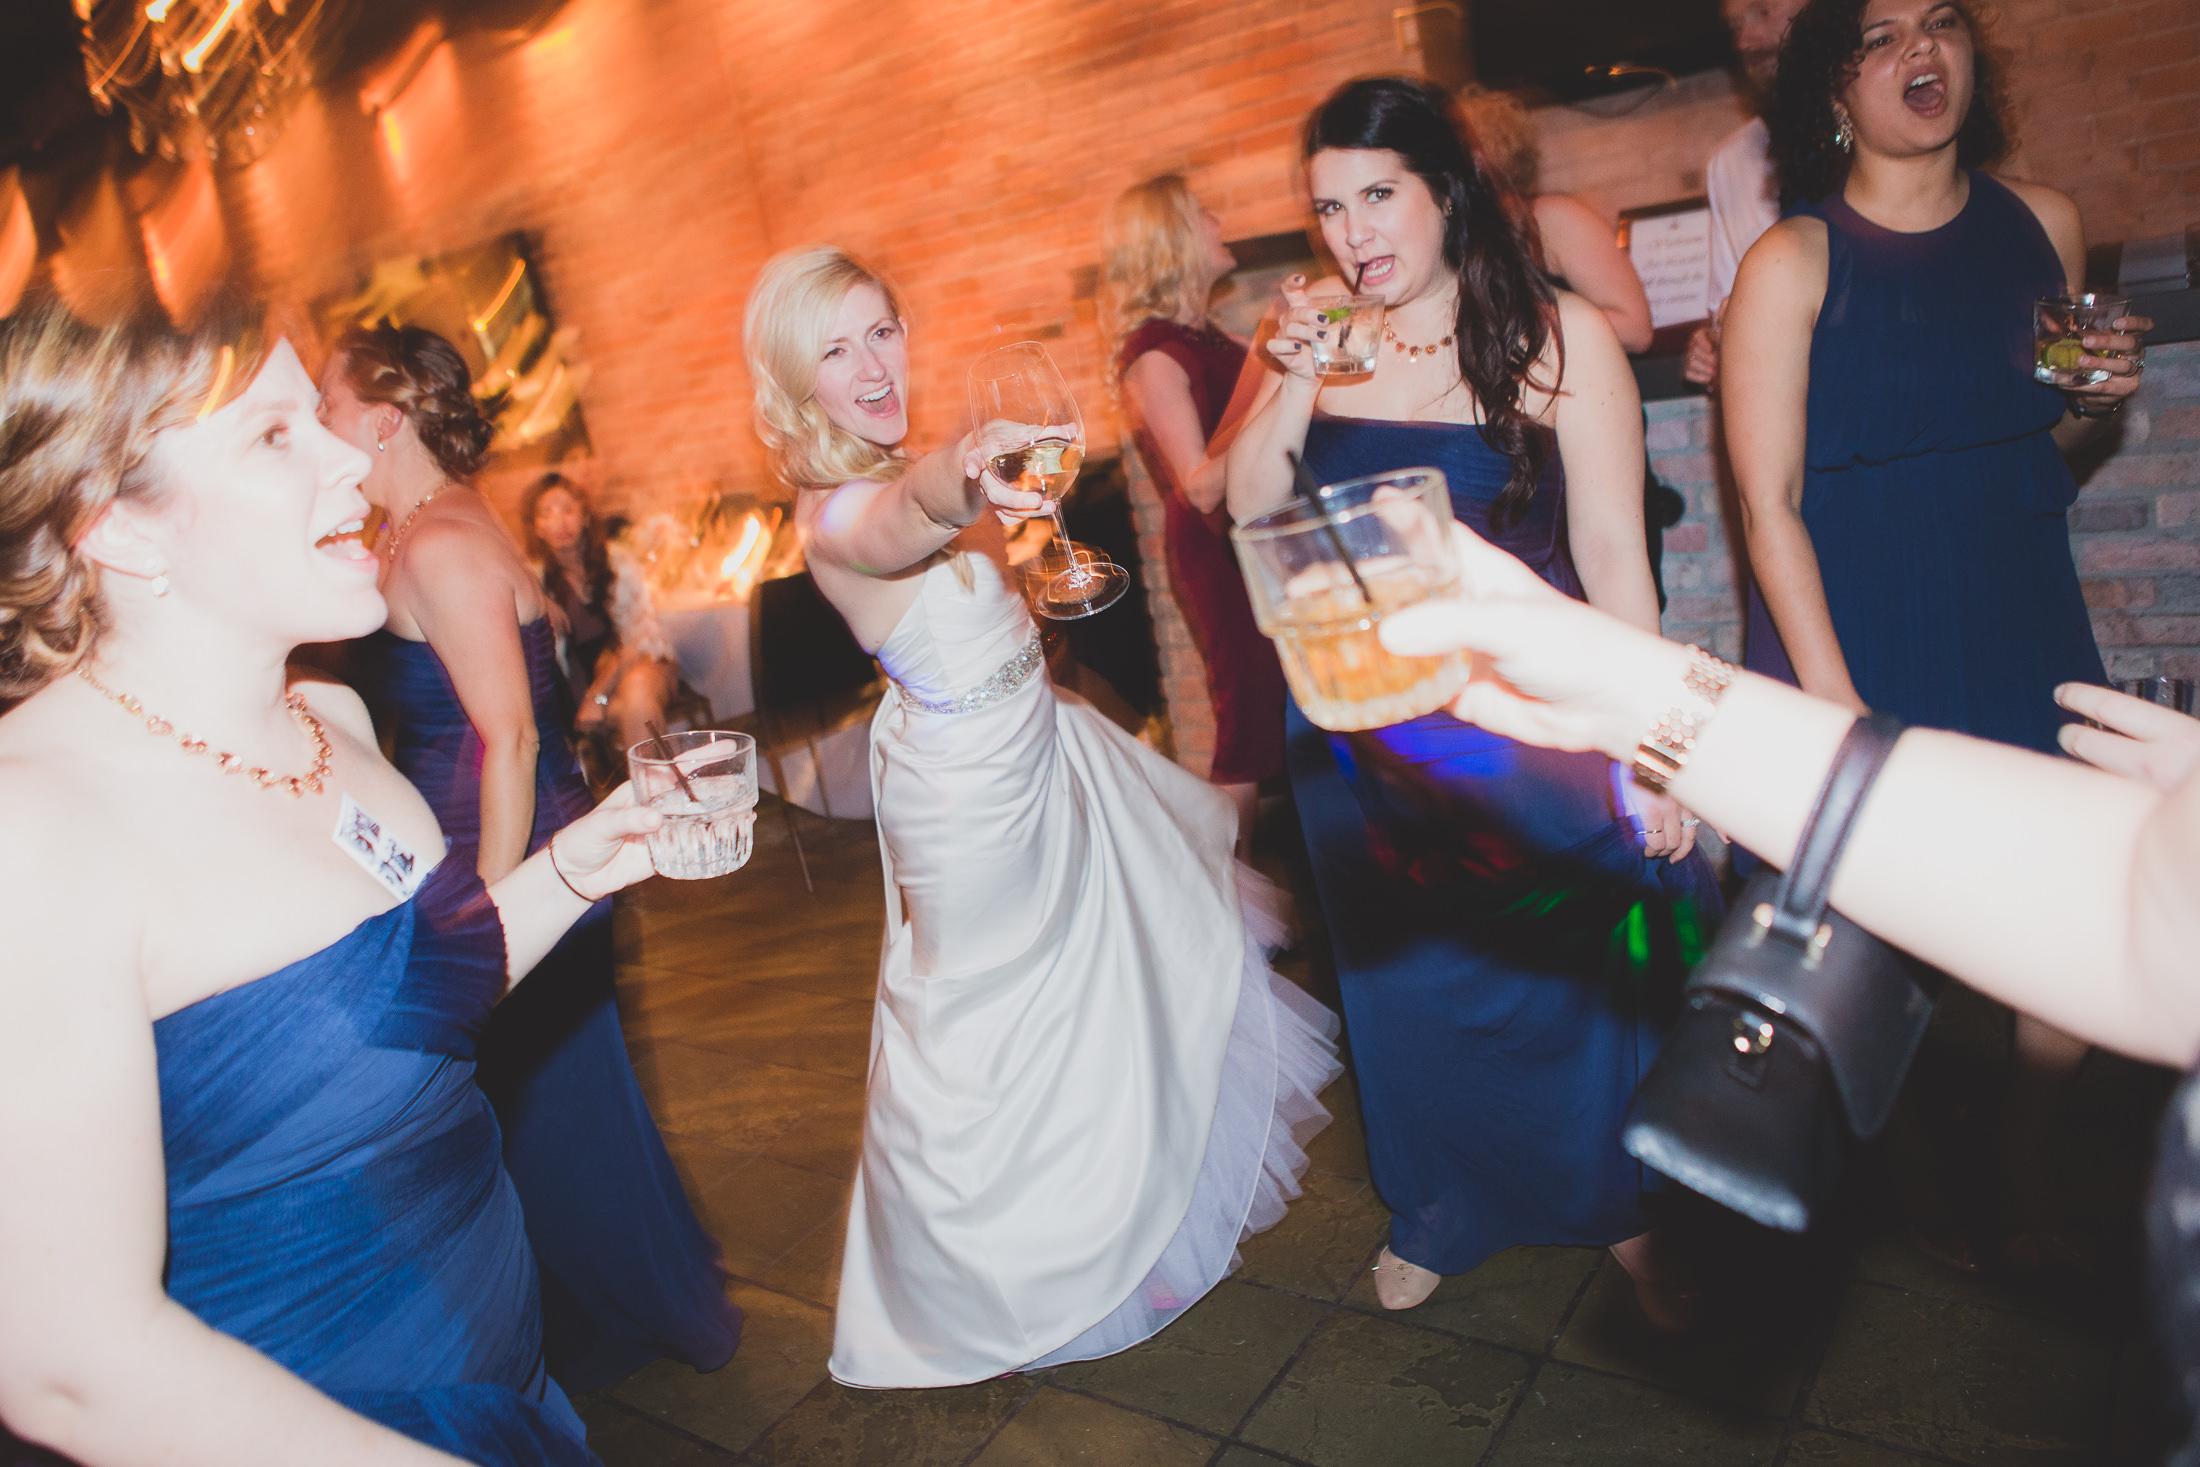 dancing bride vancouver wedding with DJBFAD